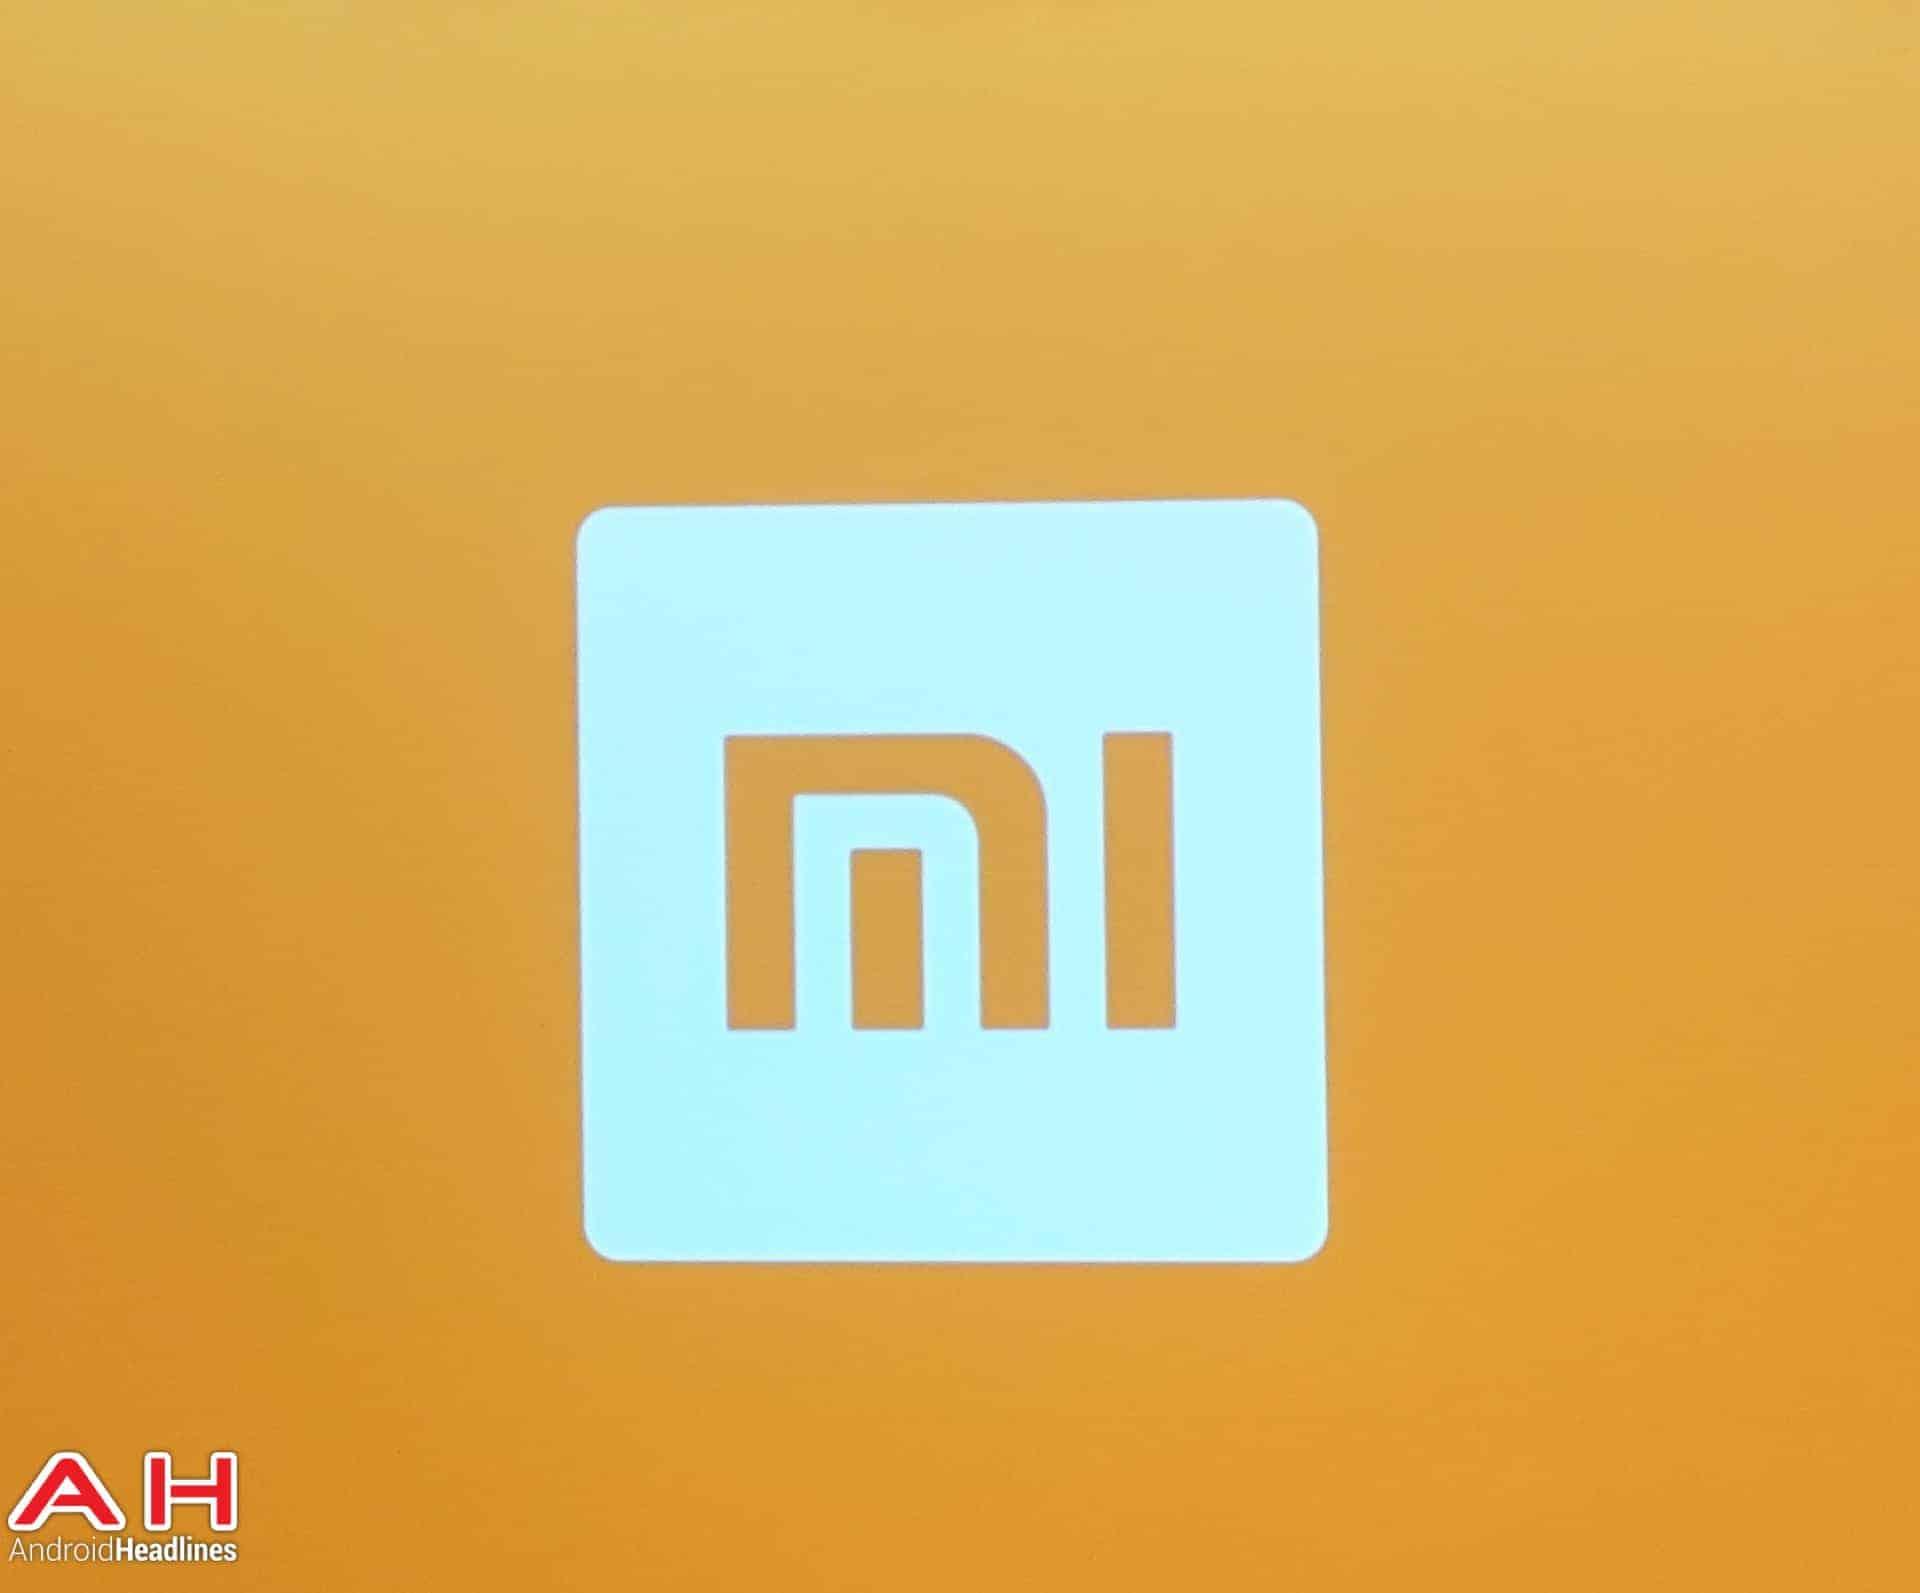 Xiaomi-Logo-AH-03622